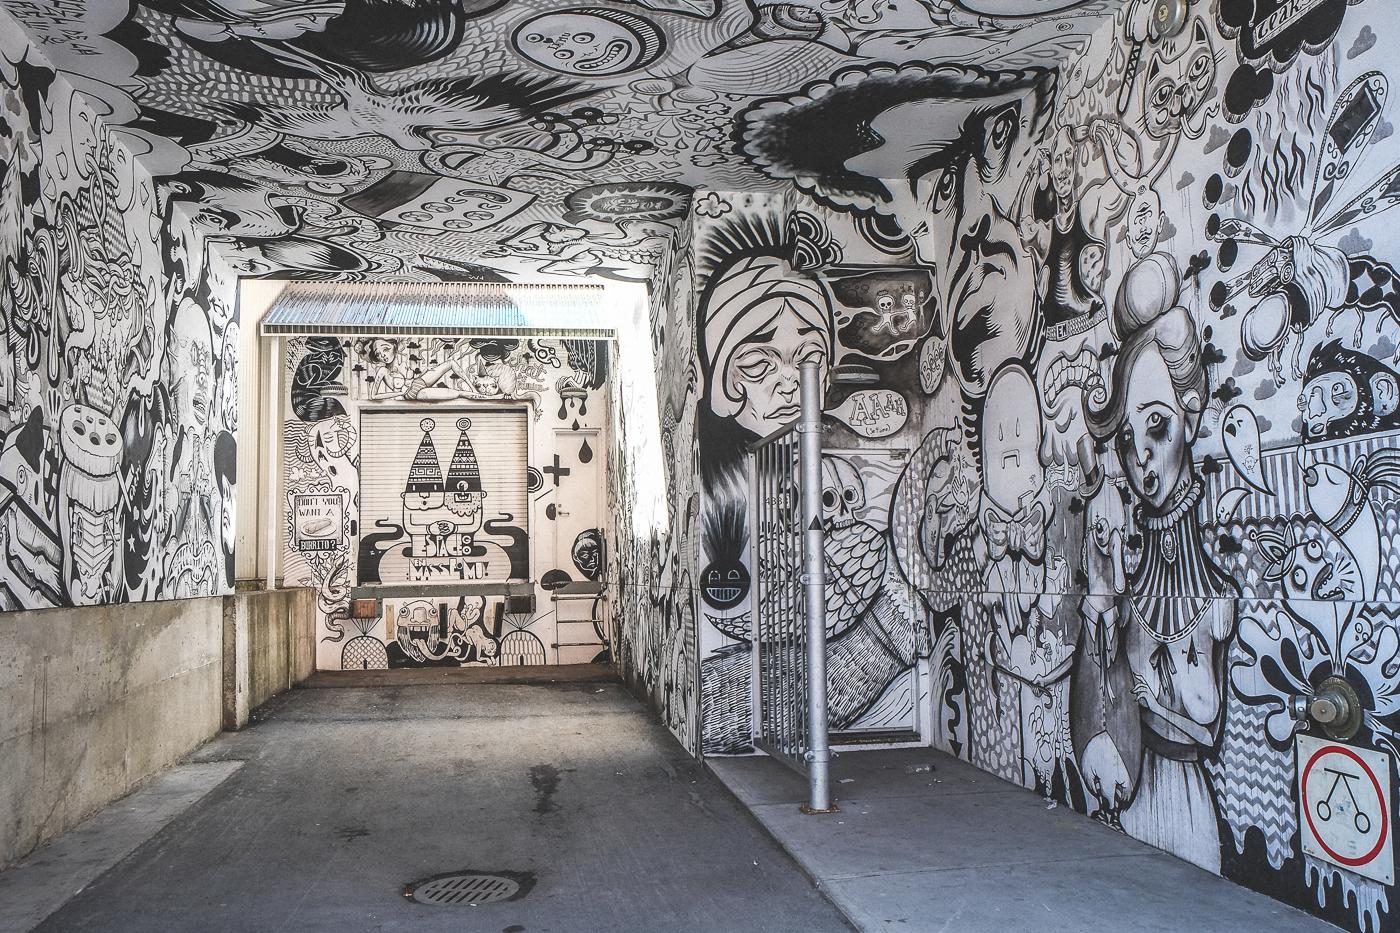 Quai des arts - Saint-Laurent/Saint-Joseph